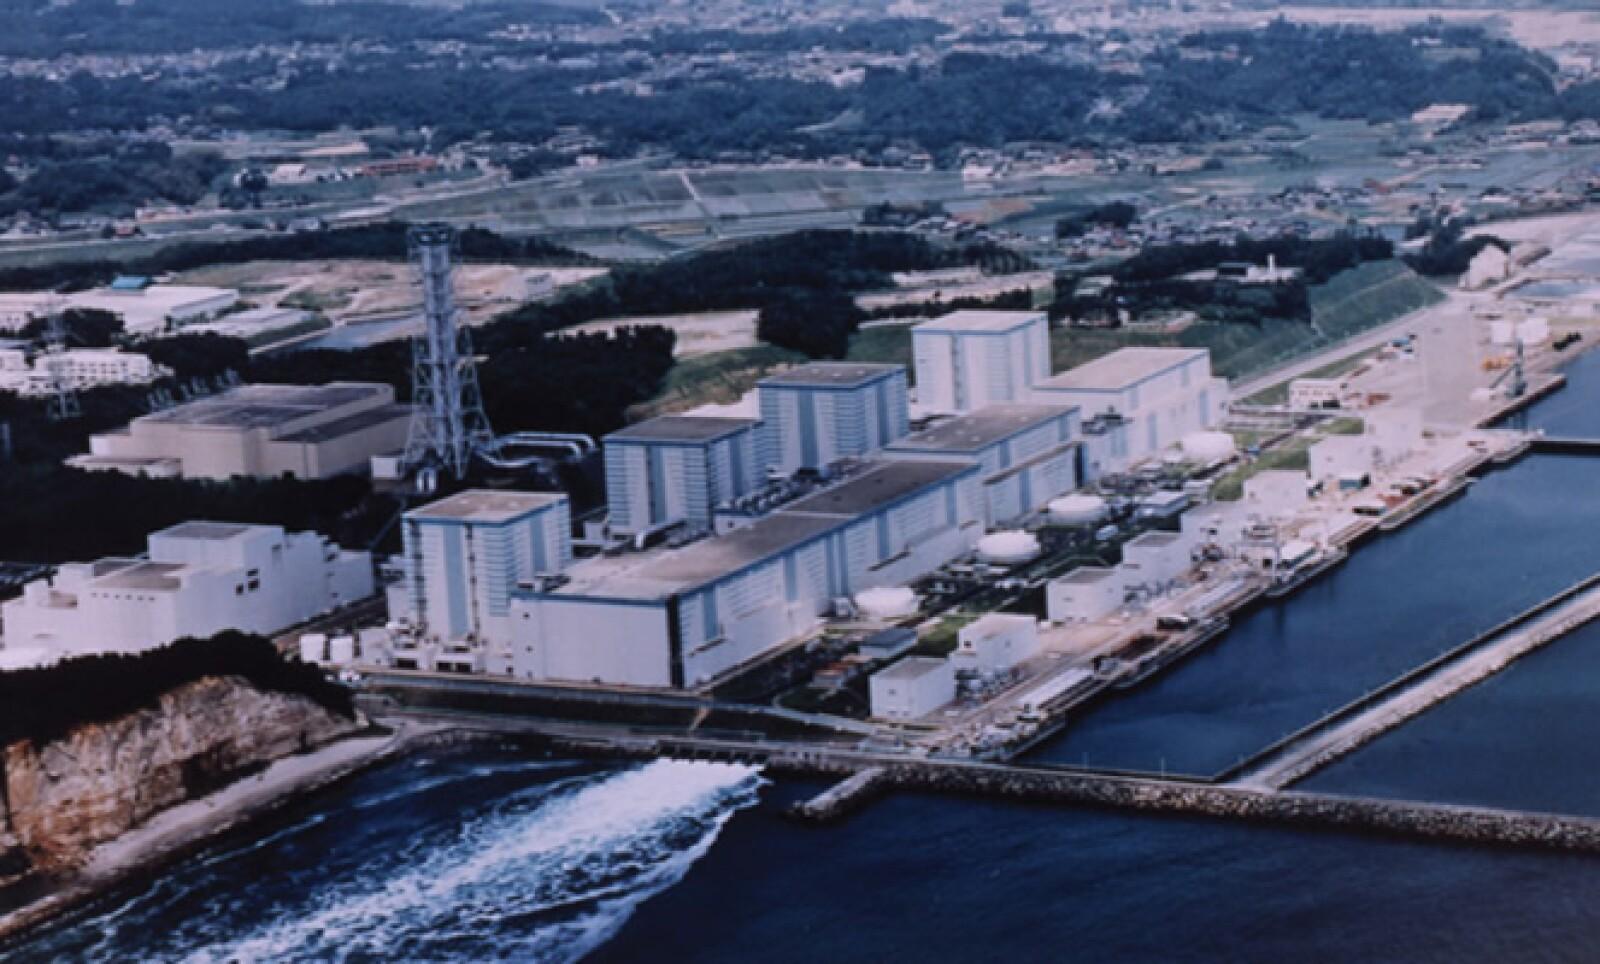 Por primera vez, la compañía Tokyo Electric Power (Tepco), administradora de la central afectada por un tsunami en 2011, en Fukushima, Japón, mostró fotografías del interior del reactor 1, parte del complejo Fukushima Daiichi.